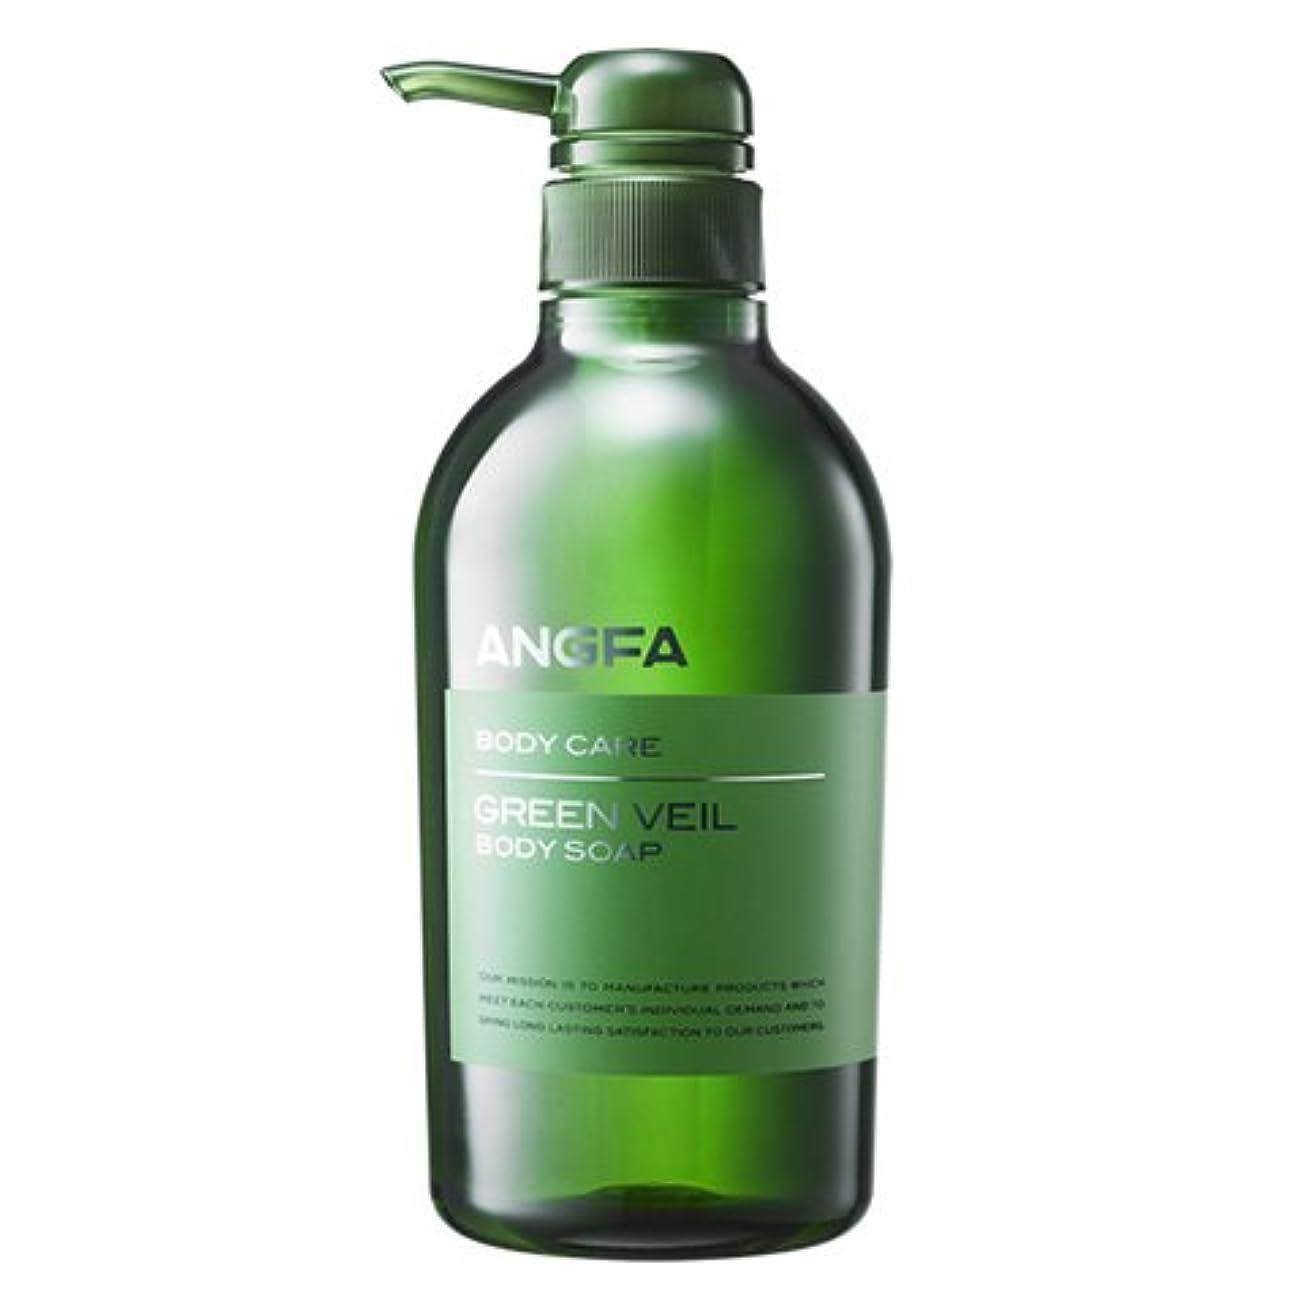 鳴り響くアクション苛性アンファー (ANGFA) グリーンベール 薬用ボディソープ 500ml グリーンフローラル [乾燥?保湿] かゆみ肌